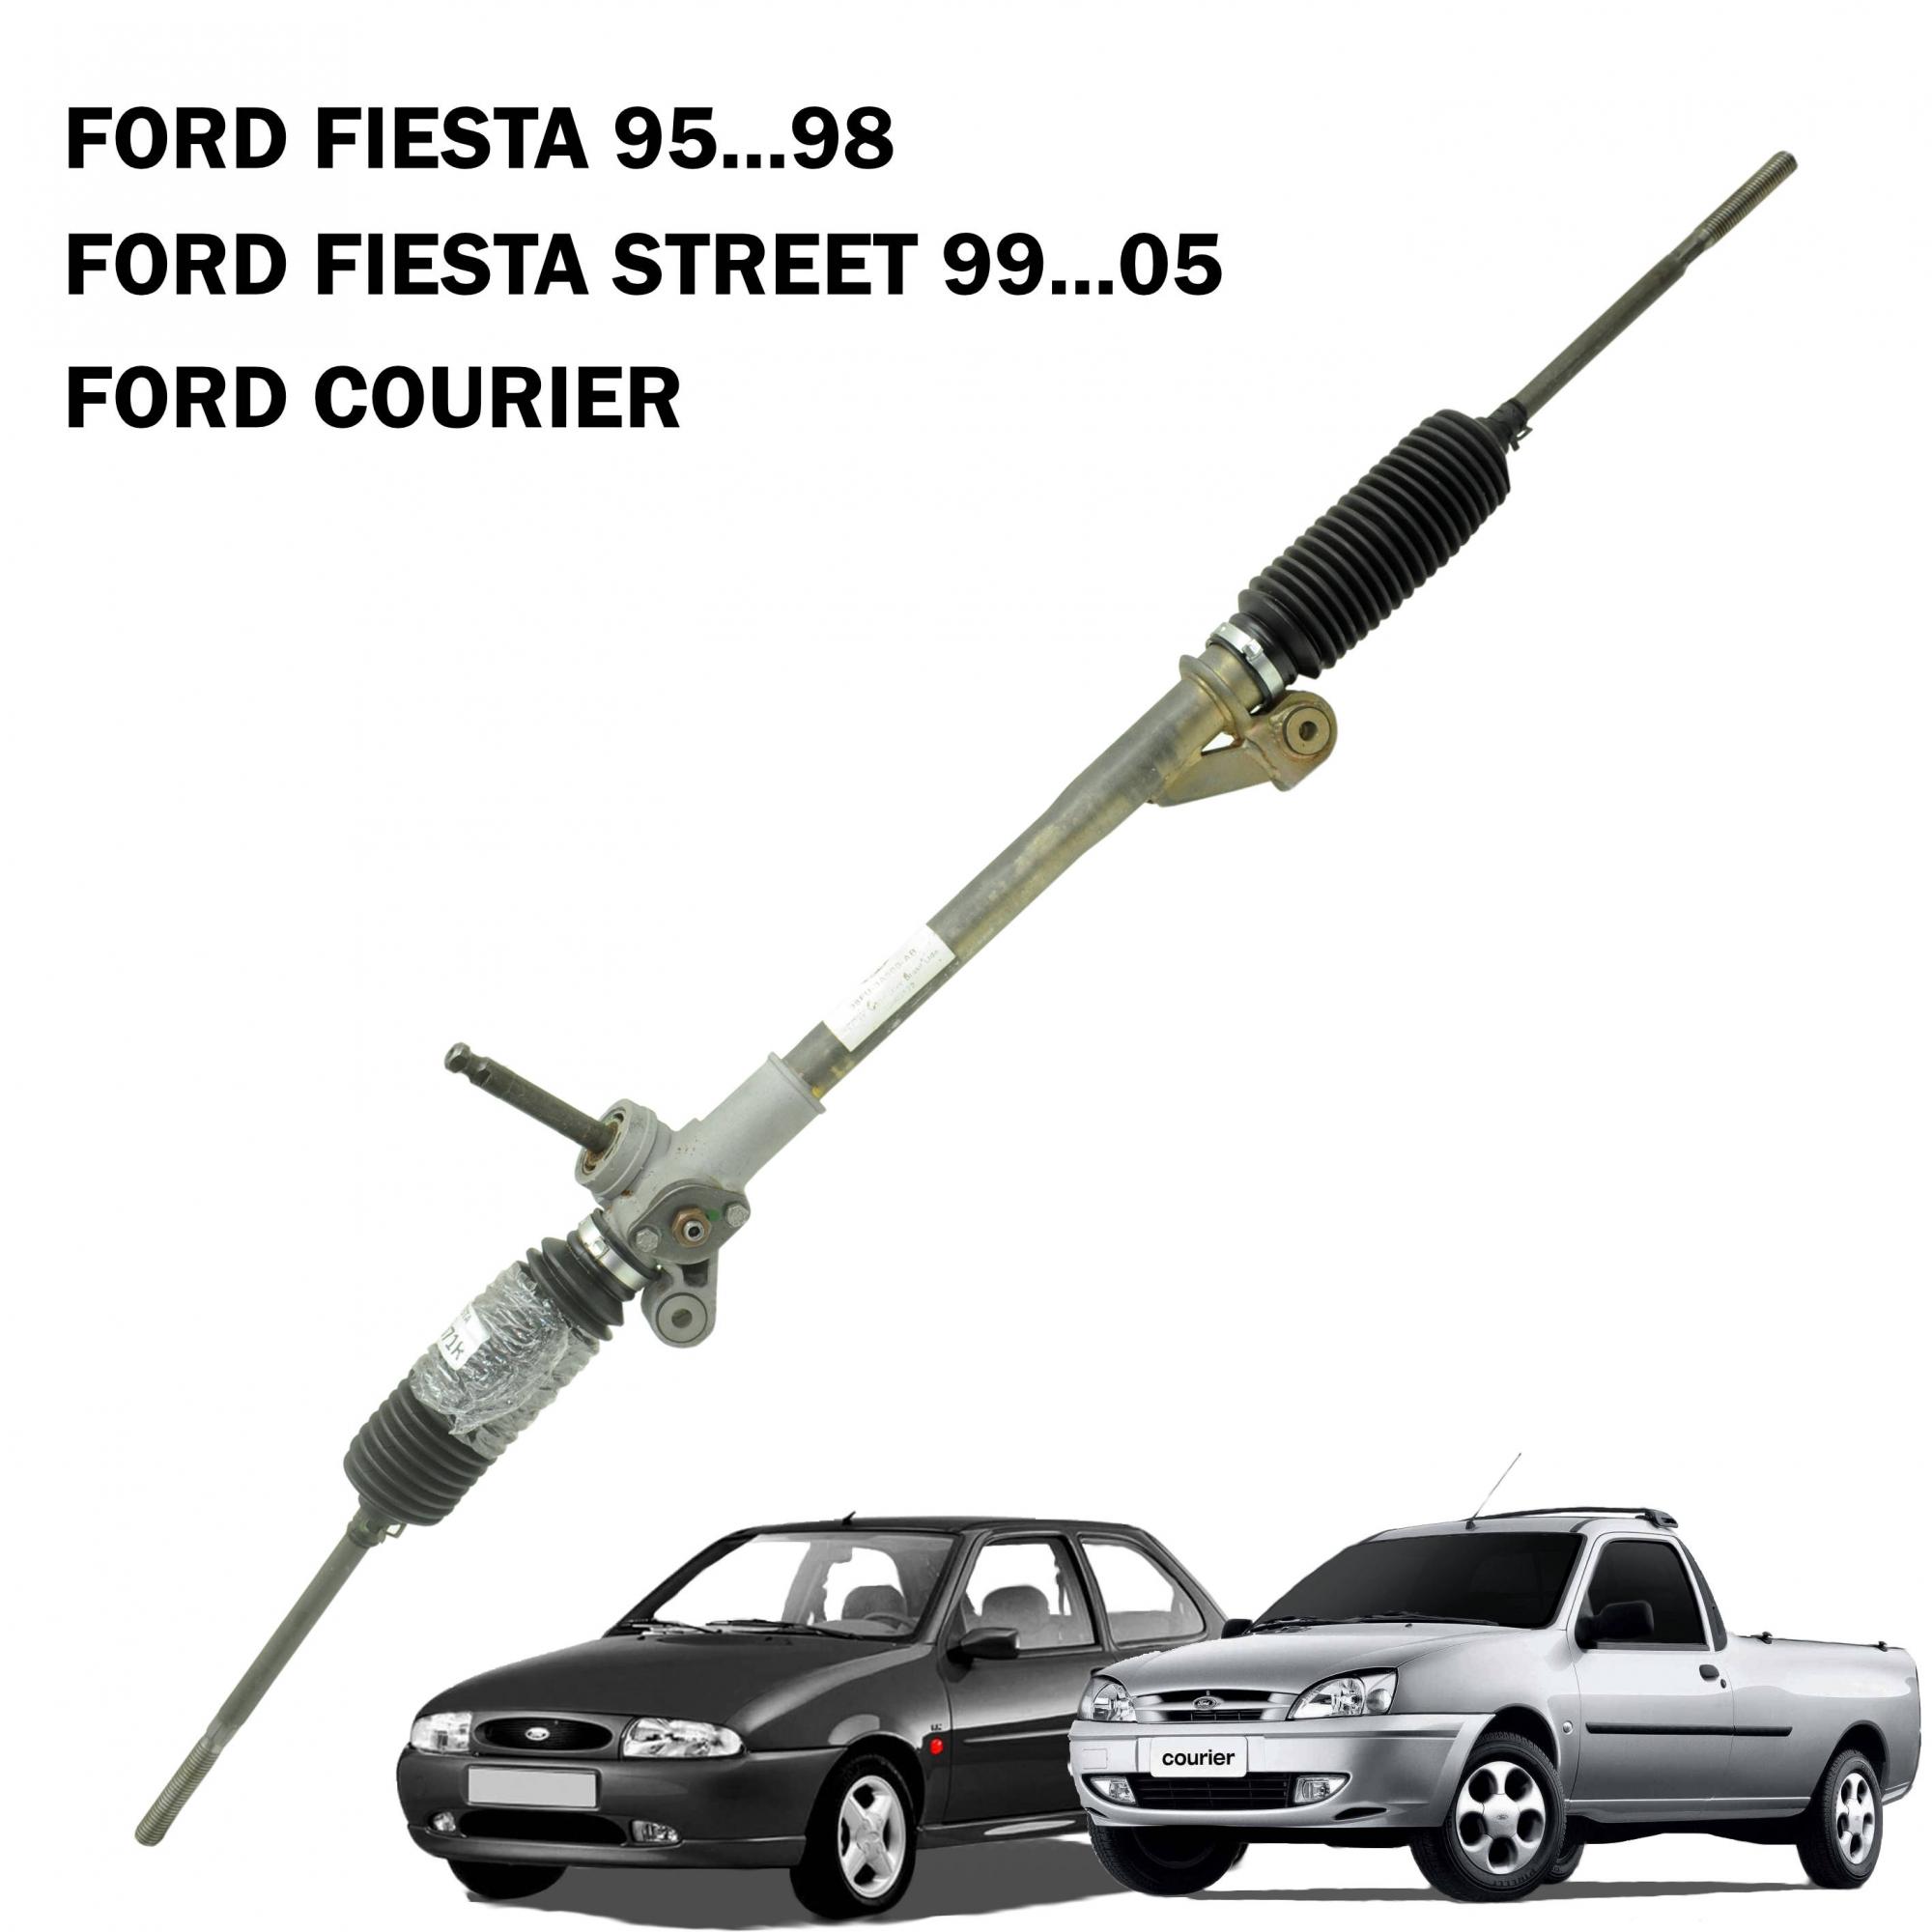 Caixa Direção Mecânica Ford Fiesta 95...98, Courier, Fiesta Street (Modelo Antigo) 99...05